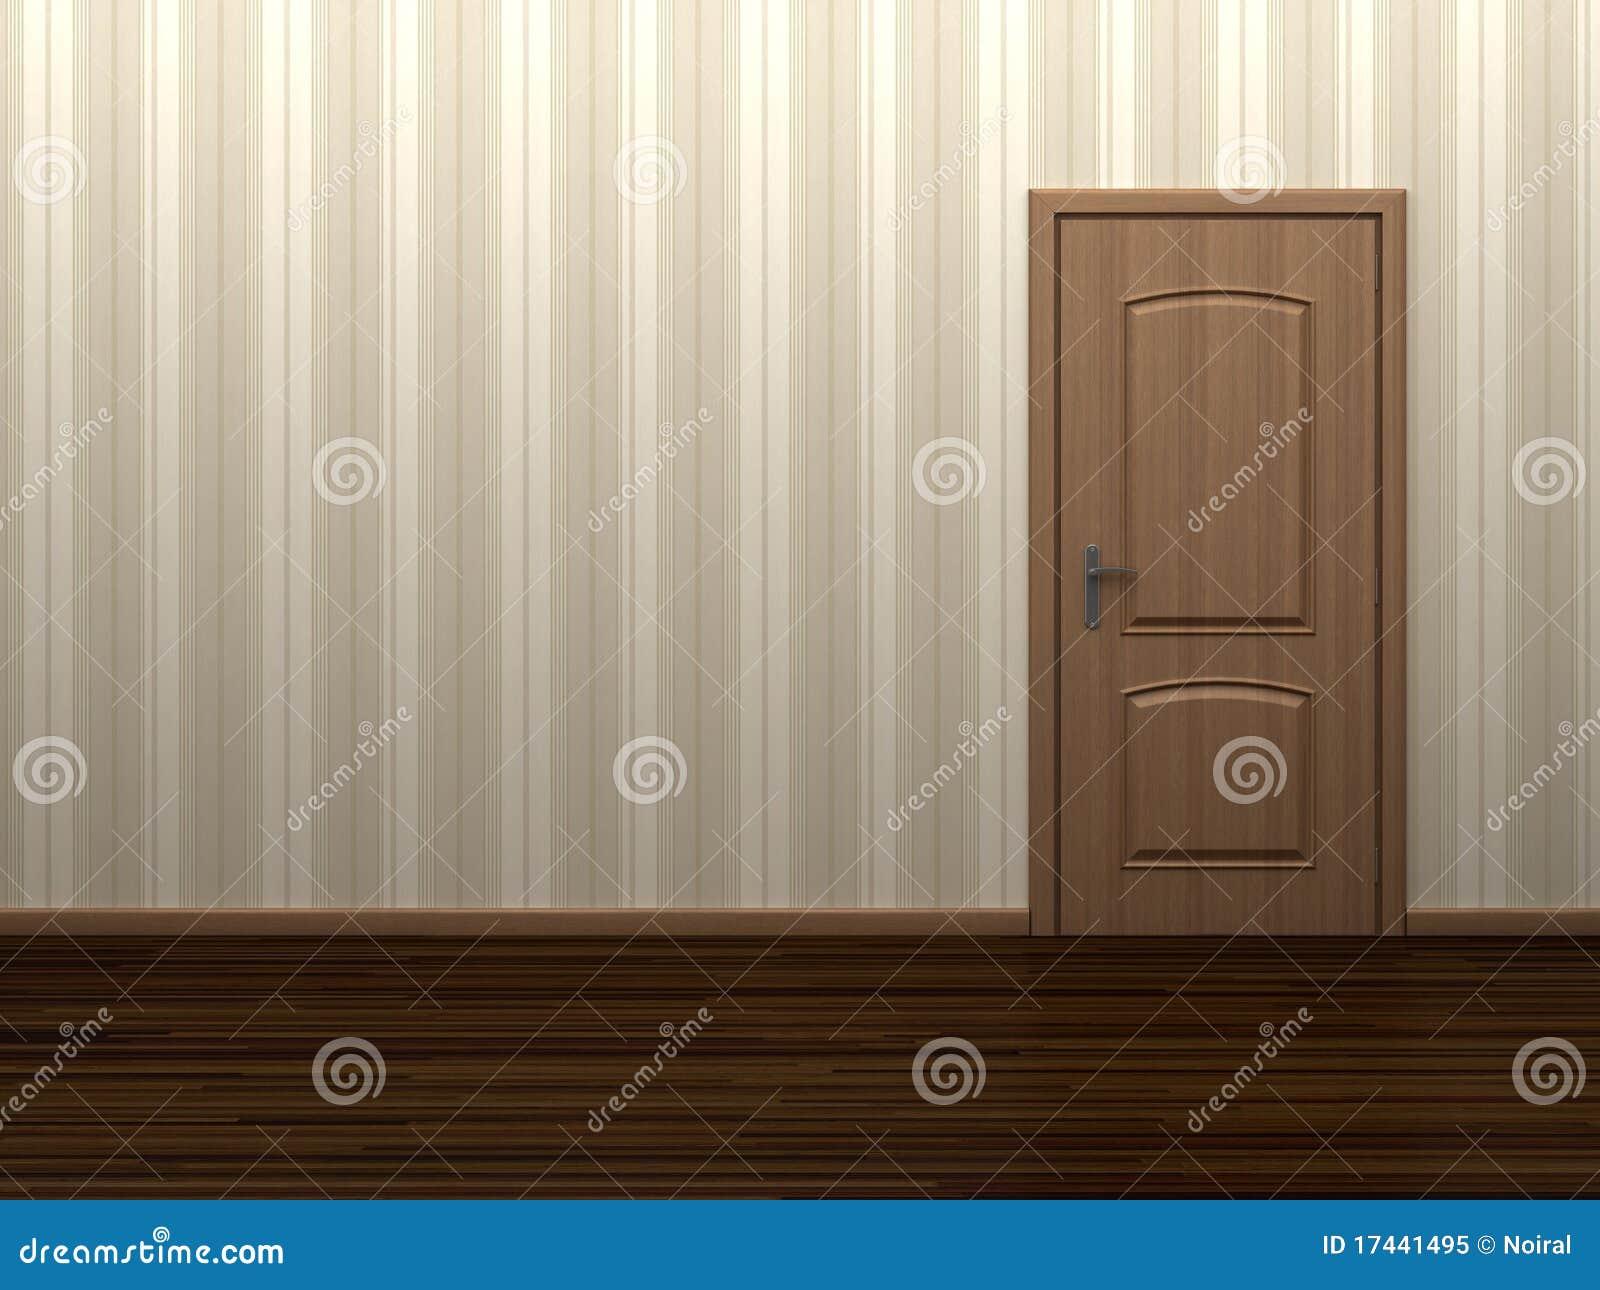 Stock Room Doors : Empty room with door royalty free stock photo image